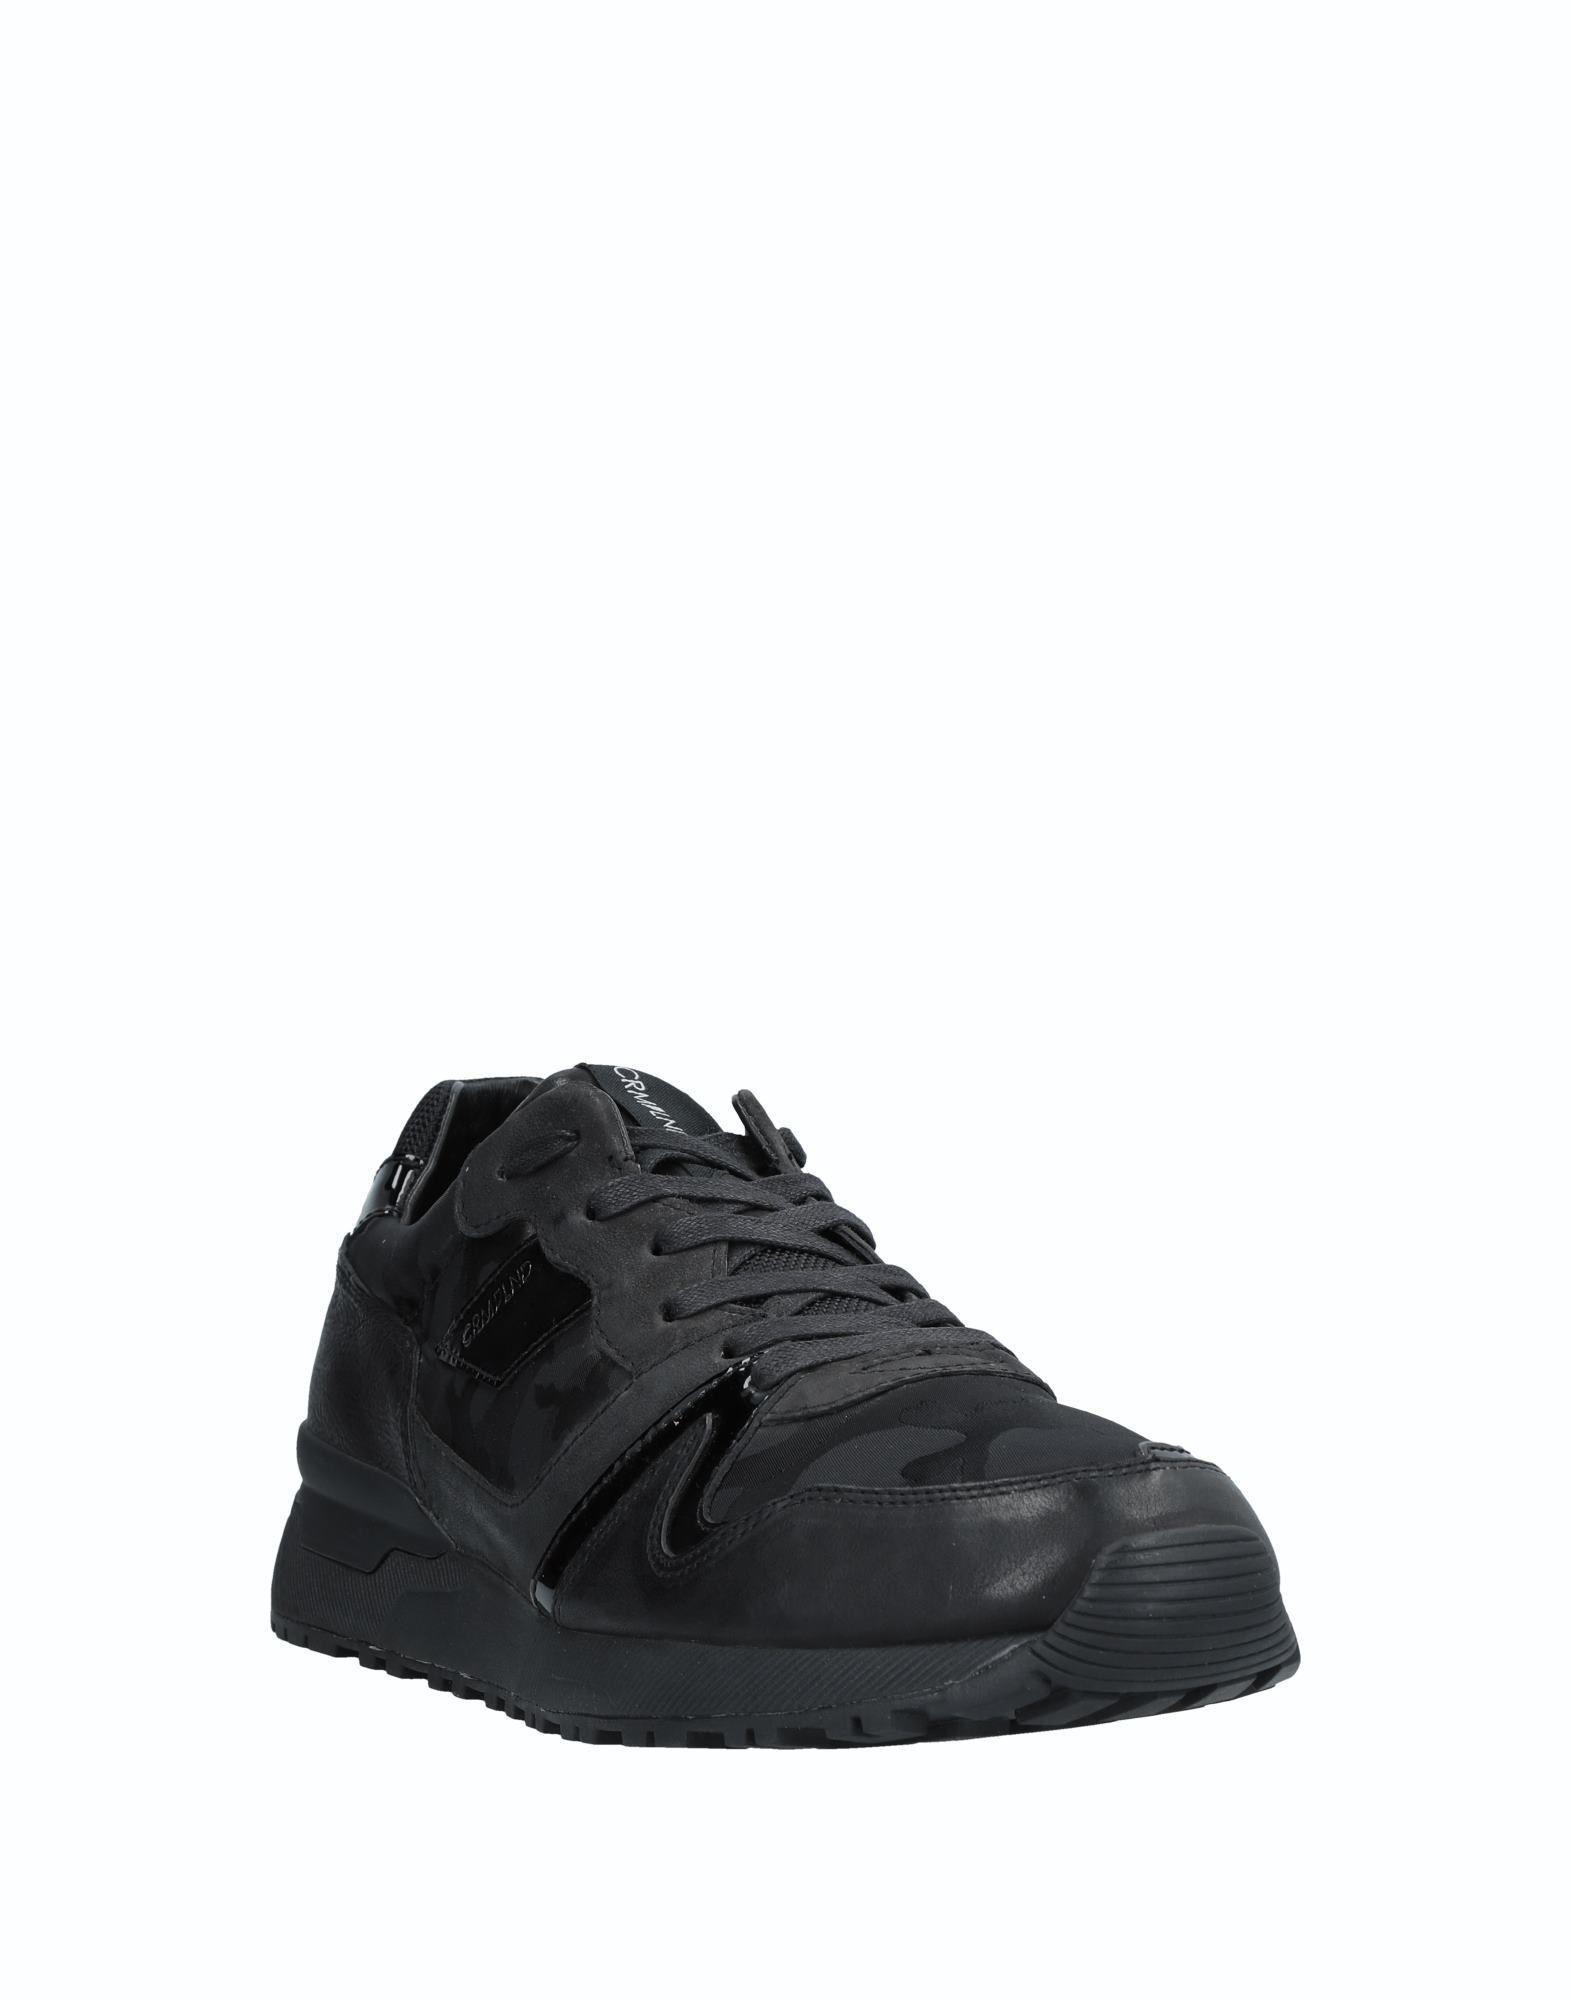 Crime London Sneakers 11538174DE Herren  11538174DE Sneakers Neue Schuhe 07d2c5